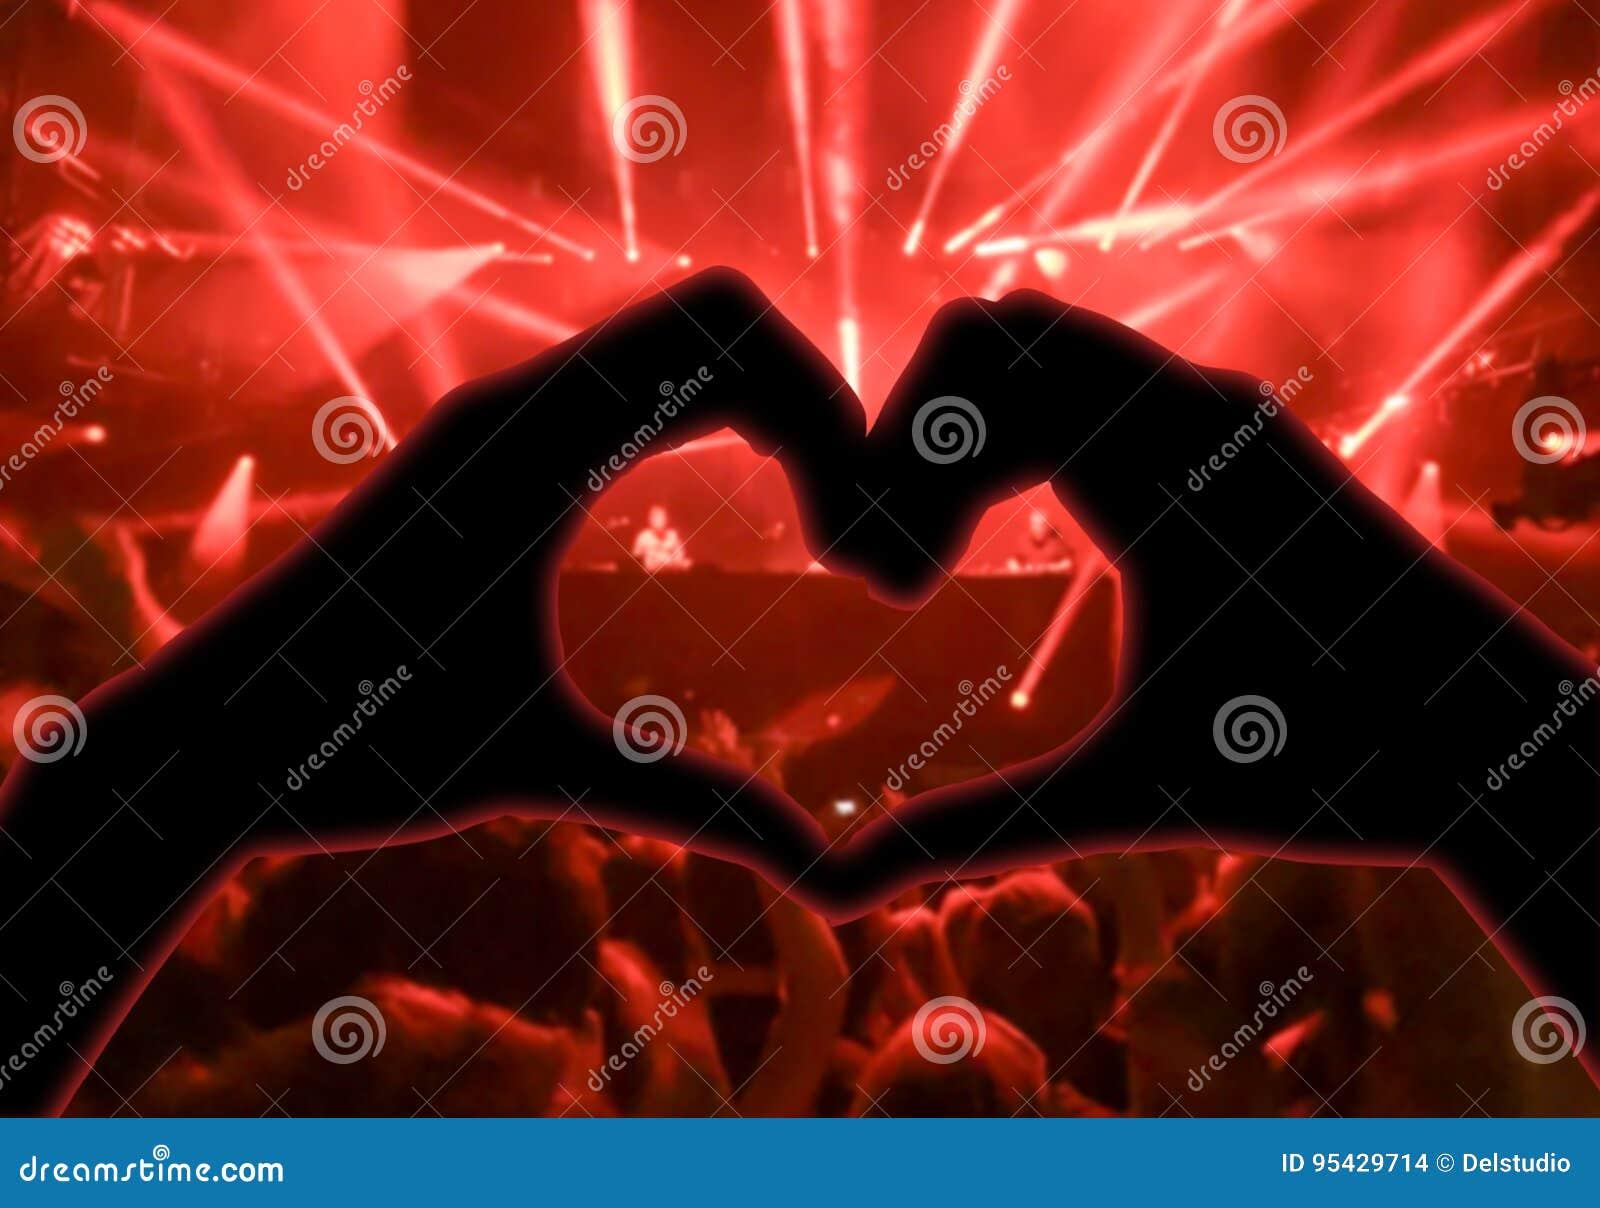 Η συναυλία μουσικής, χέρια που αυξήθηκαν με μορφή της καρδιάς για τη μουσική, θόλωσε το πλήθος και τους καλλιτέχνες στη σκηνή στο